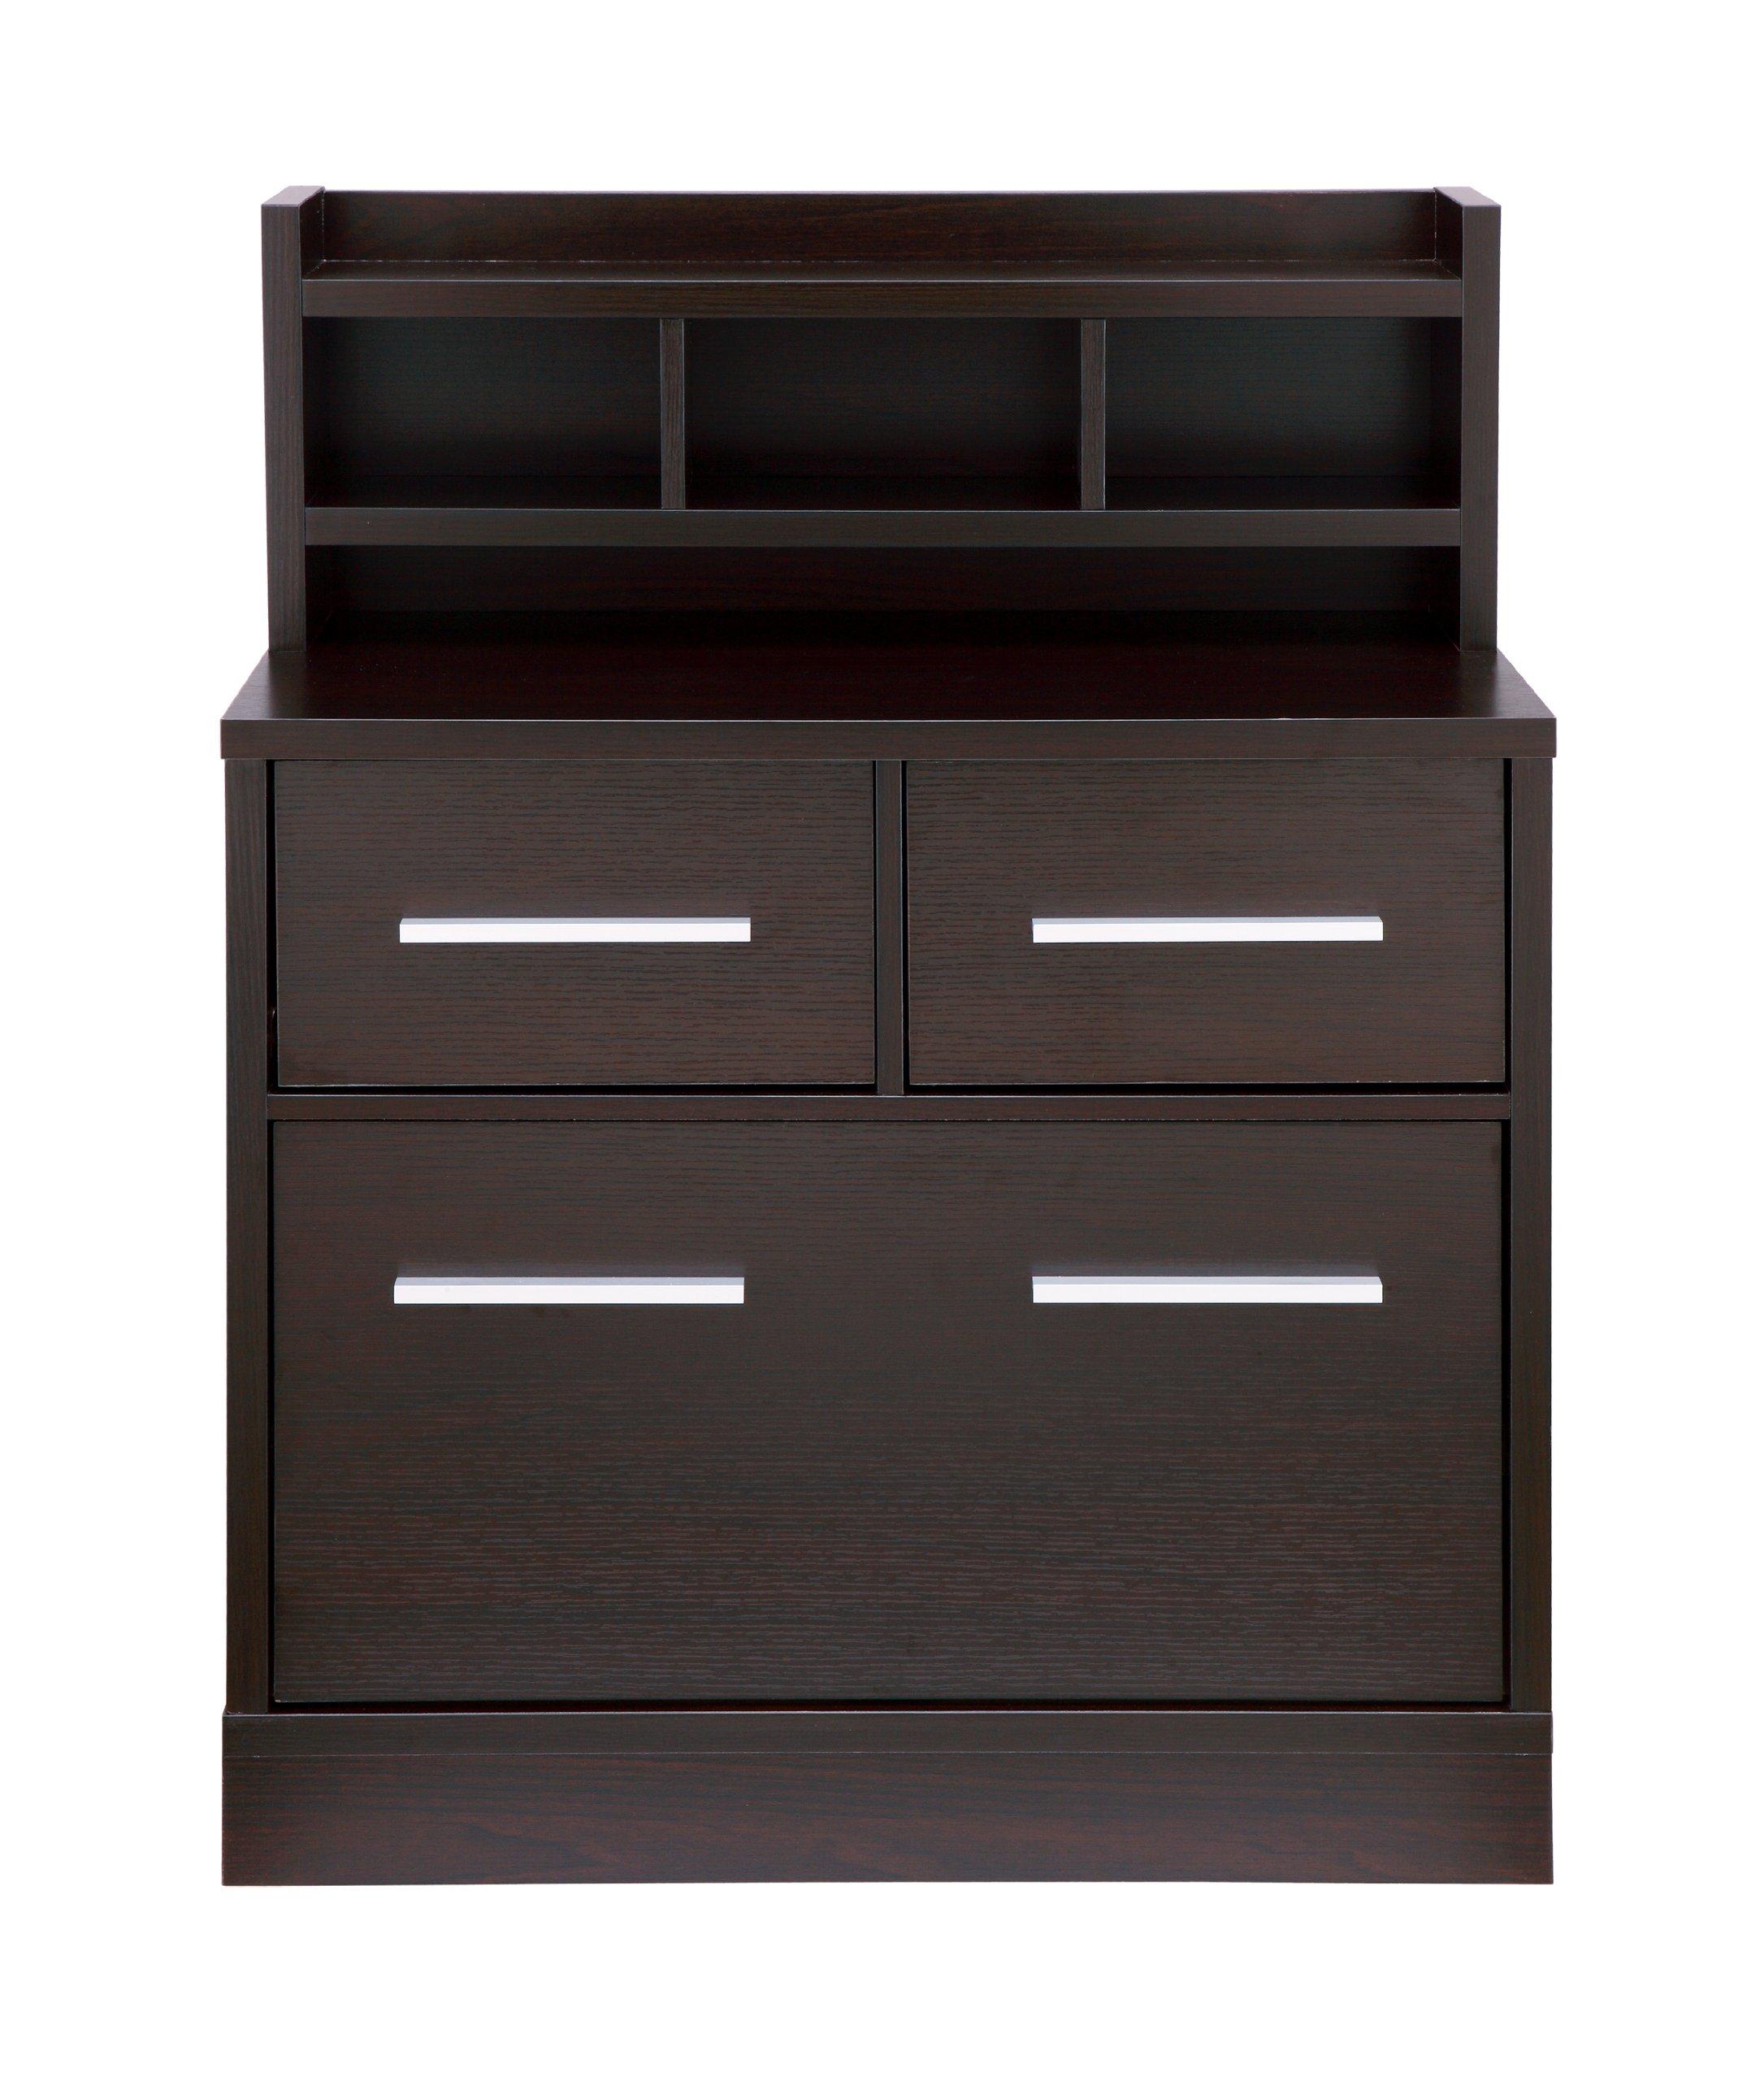 ioHOMES Lofgren Multi-Storage File Cabinet Work Station, Cappuccino Finish